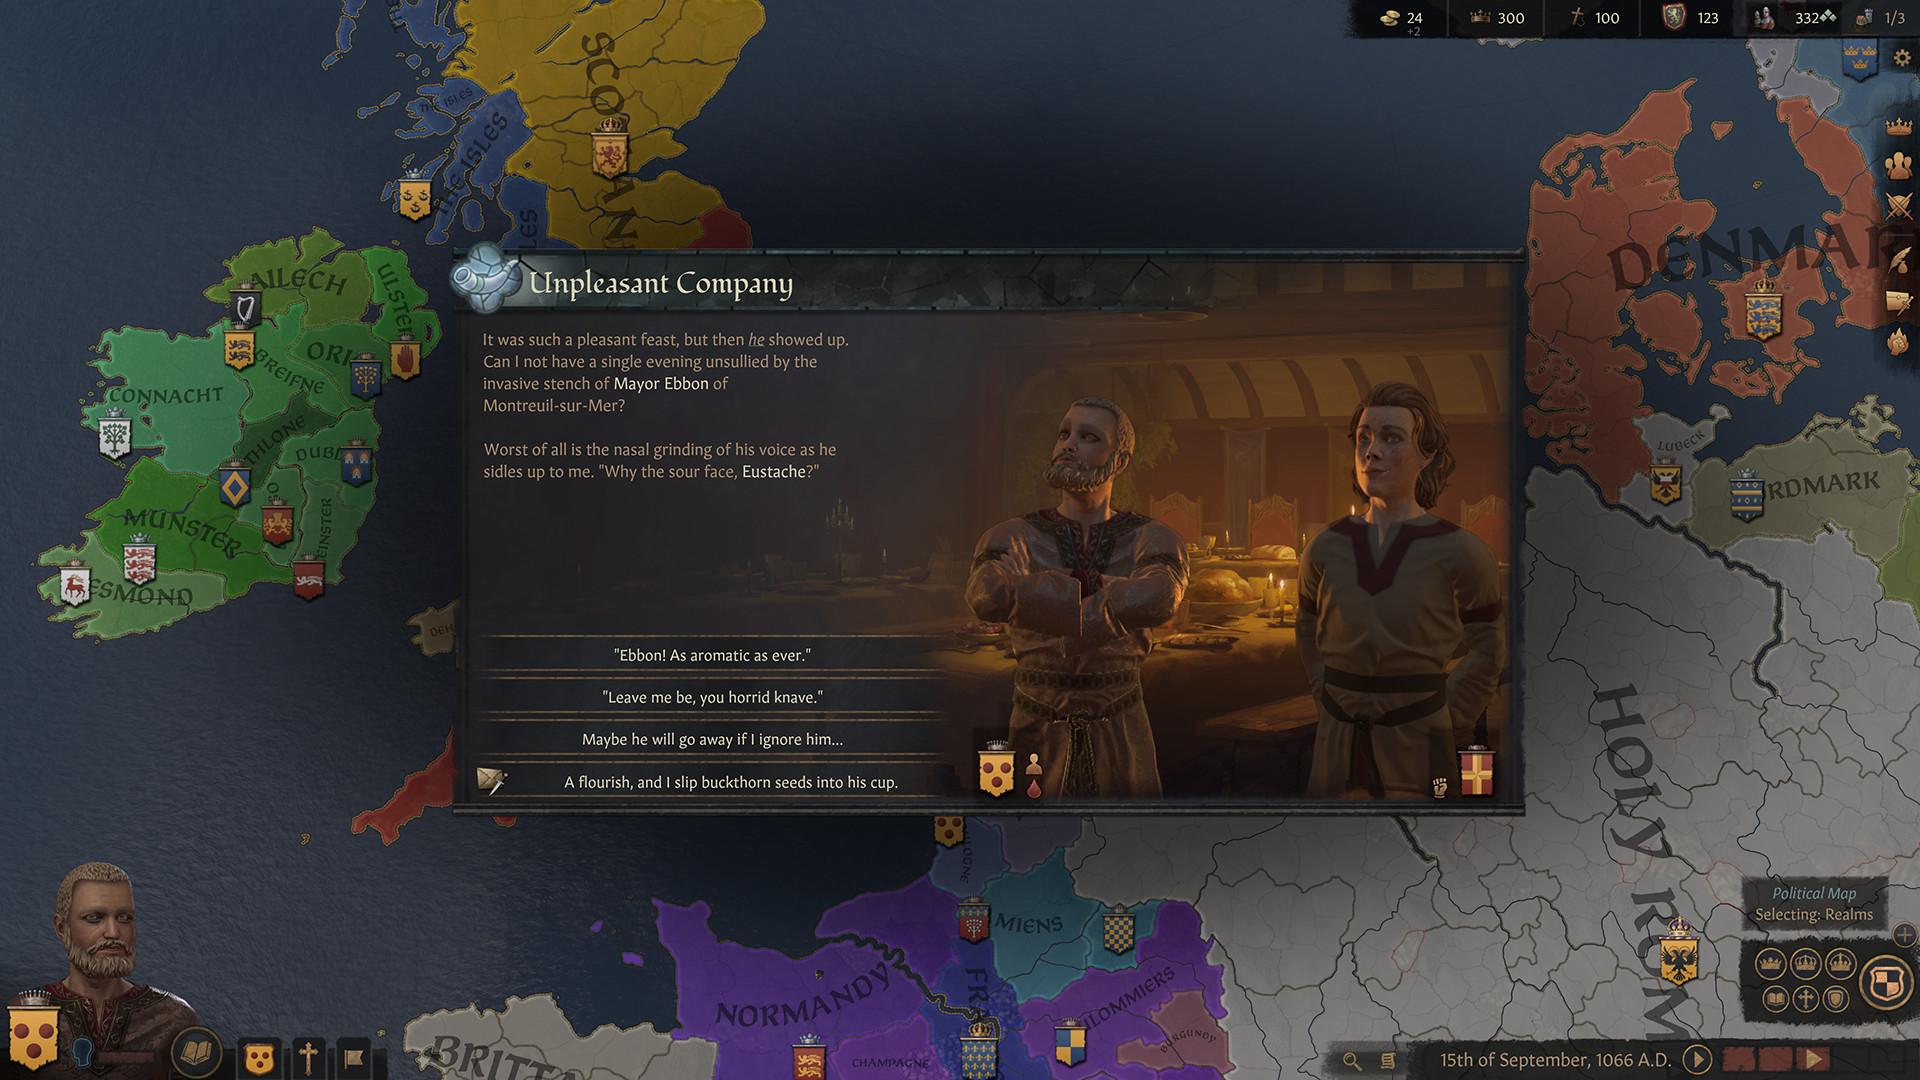 十字军之王3/王国风云3/Crusader Kings III(更新1.2.2版)插图3